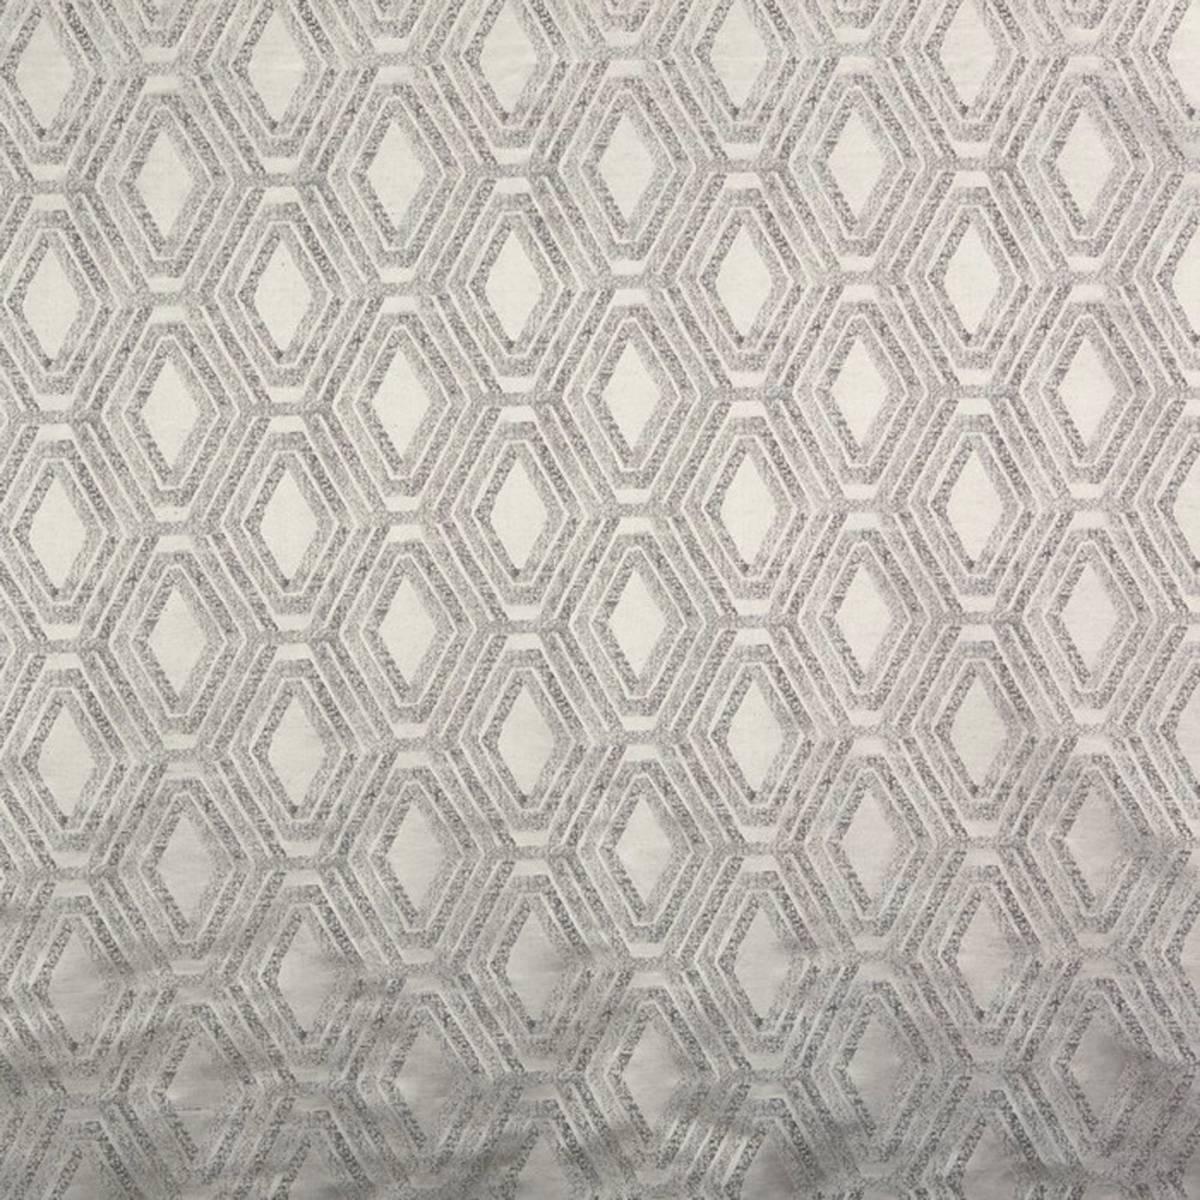 Horizon Fabric Carbon 3589 937 Prestigious Textiles